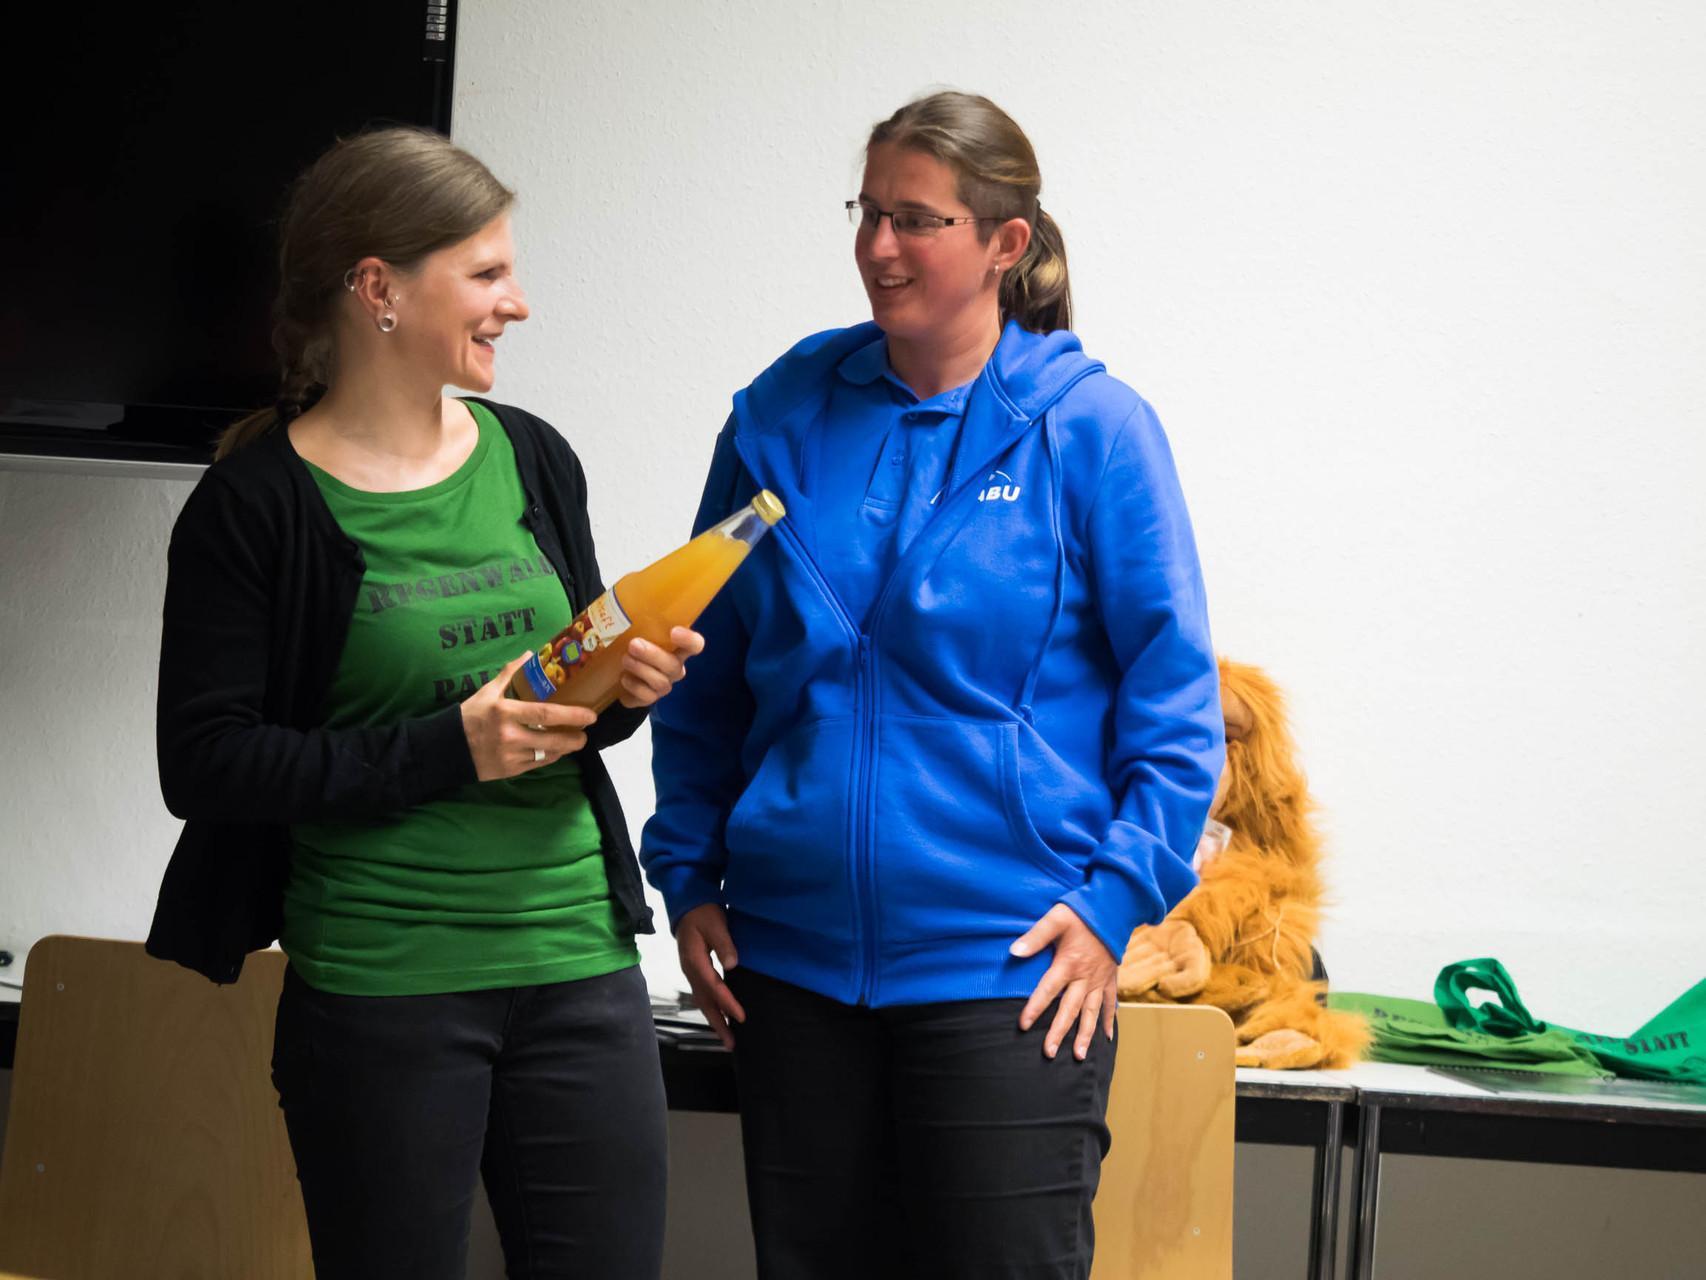 21 Natur- und Regenwaldfreunde waren beim Vortragsabend dabei. Der NABU Leipzig bedankte sich bei Cindy Höll unter anderem mit einer Flasche NABU-Bioapfelsaft.